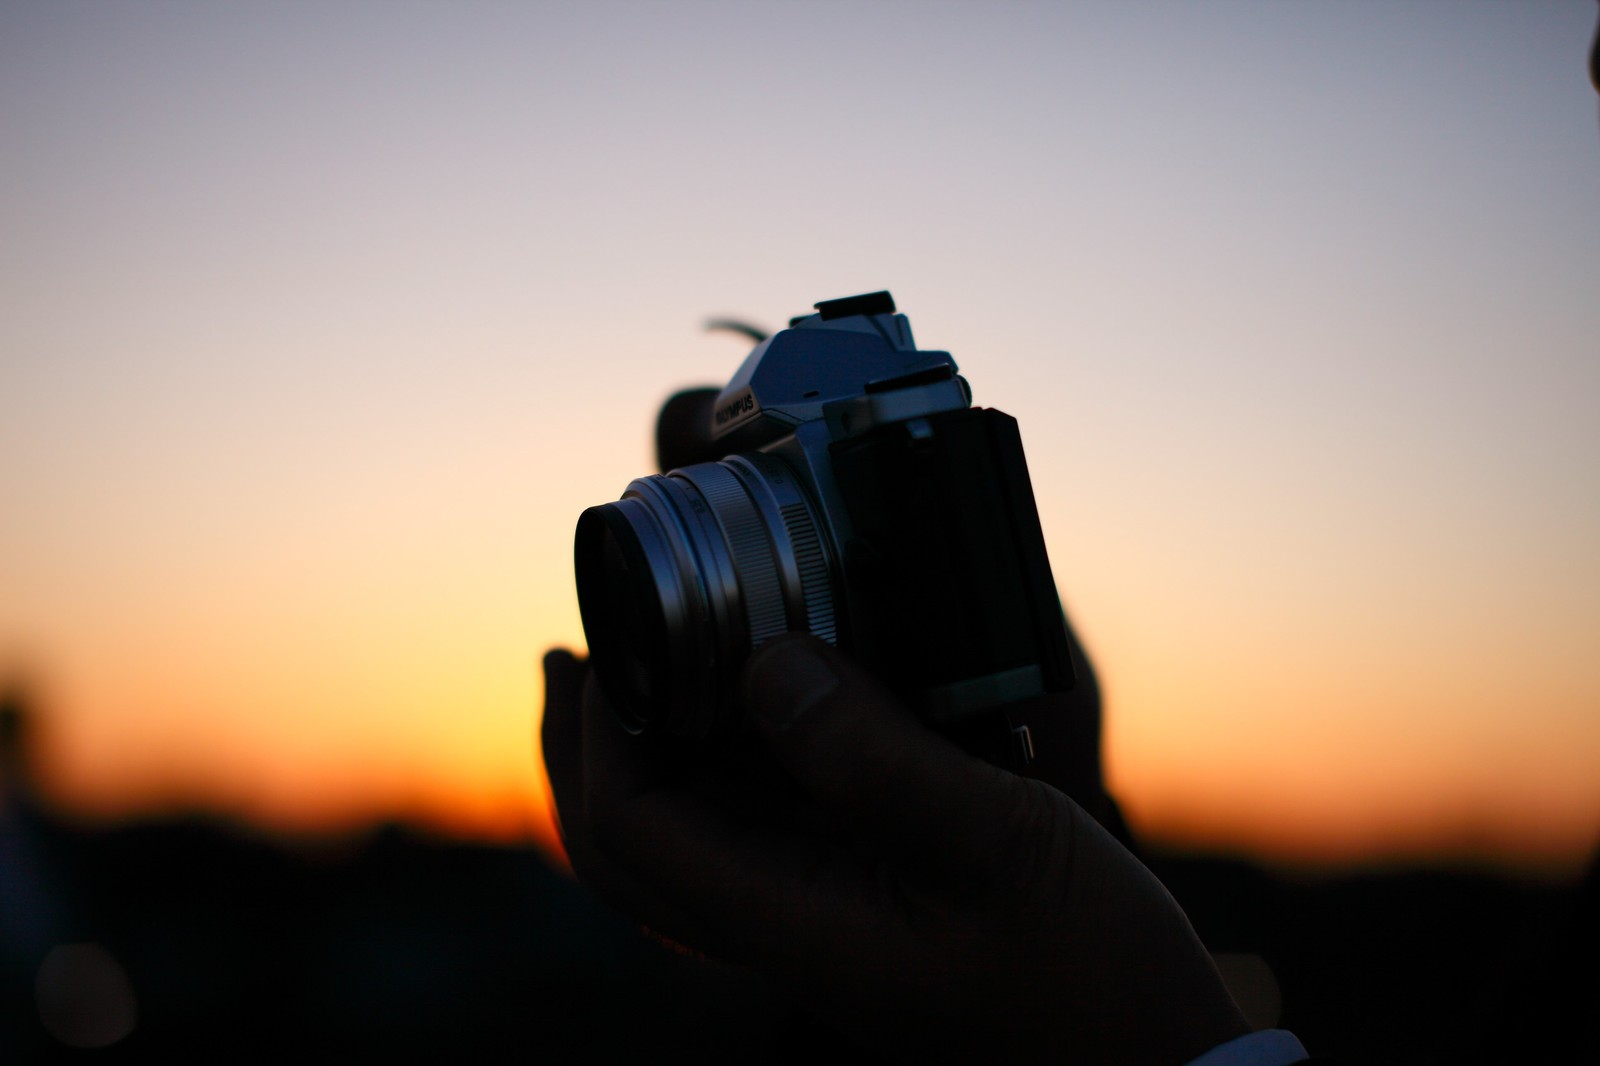 「夕焼けに生えるカメラシルエット」の写真